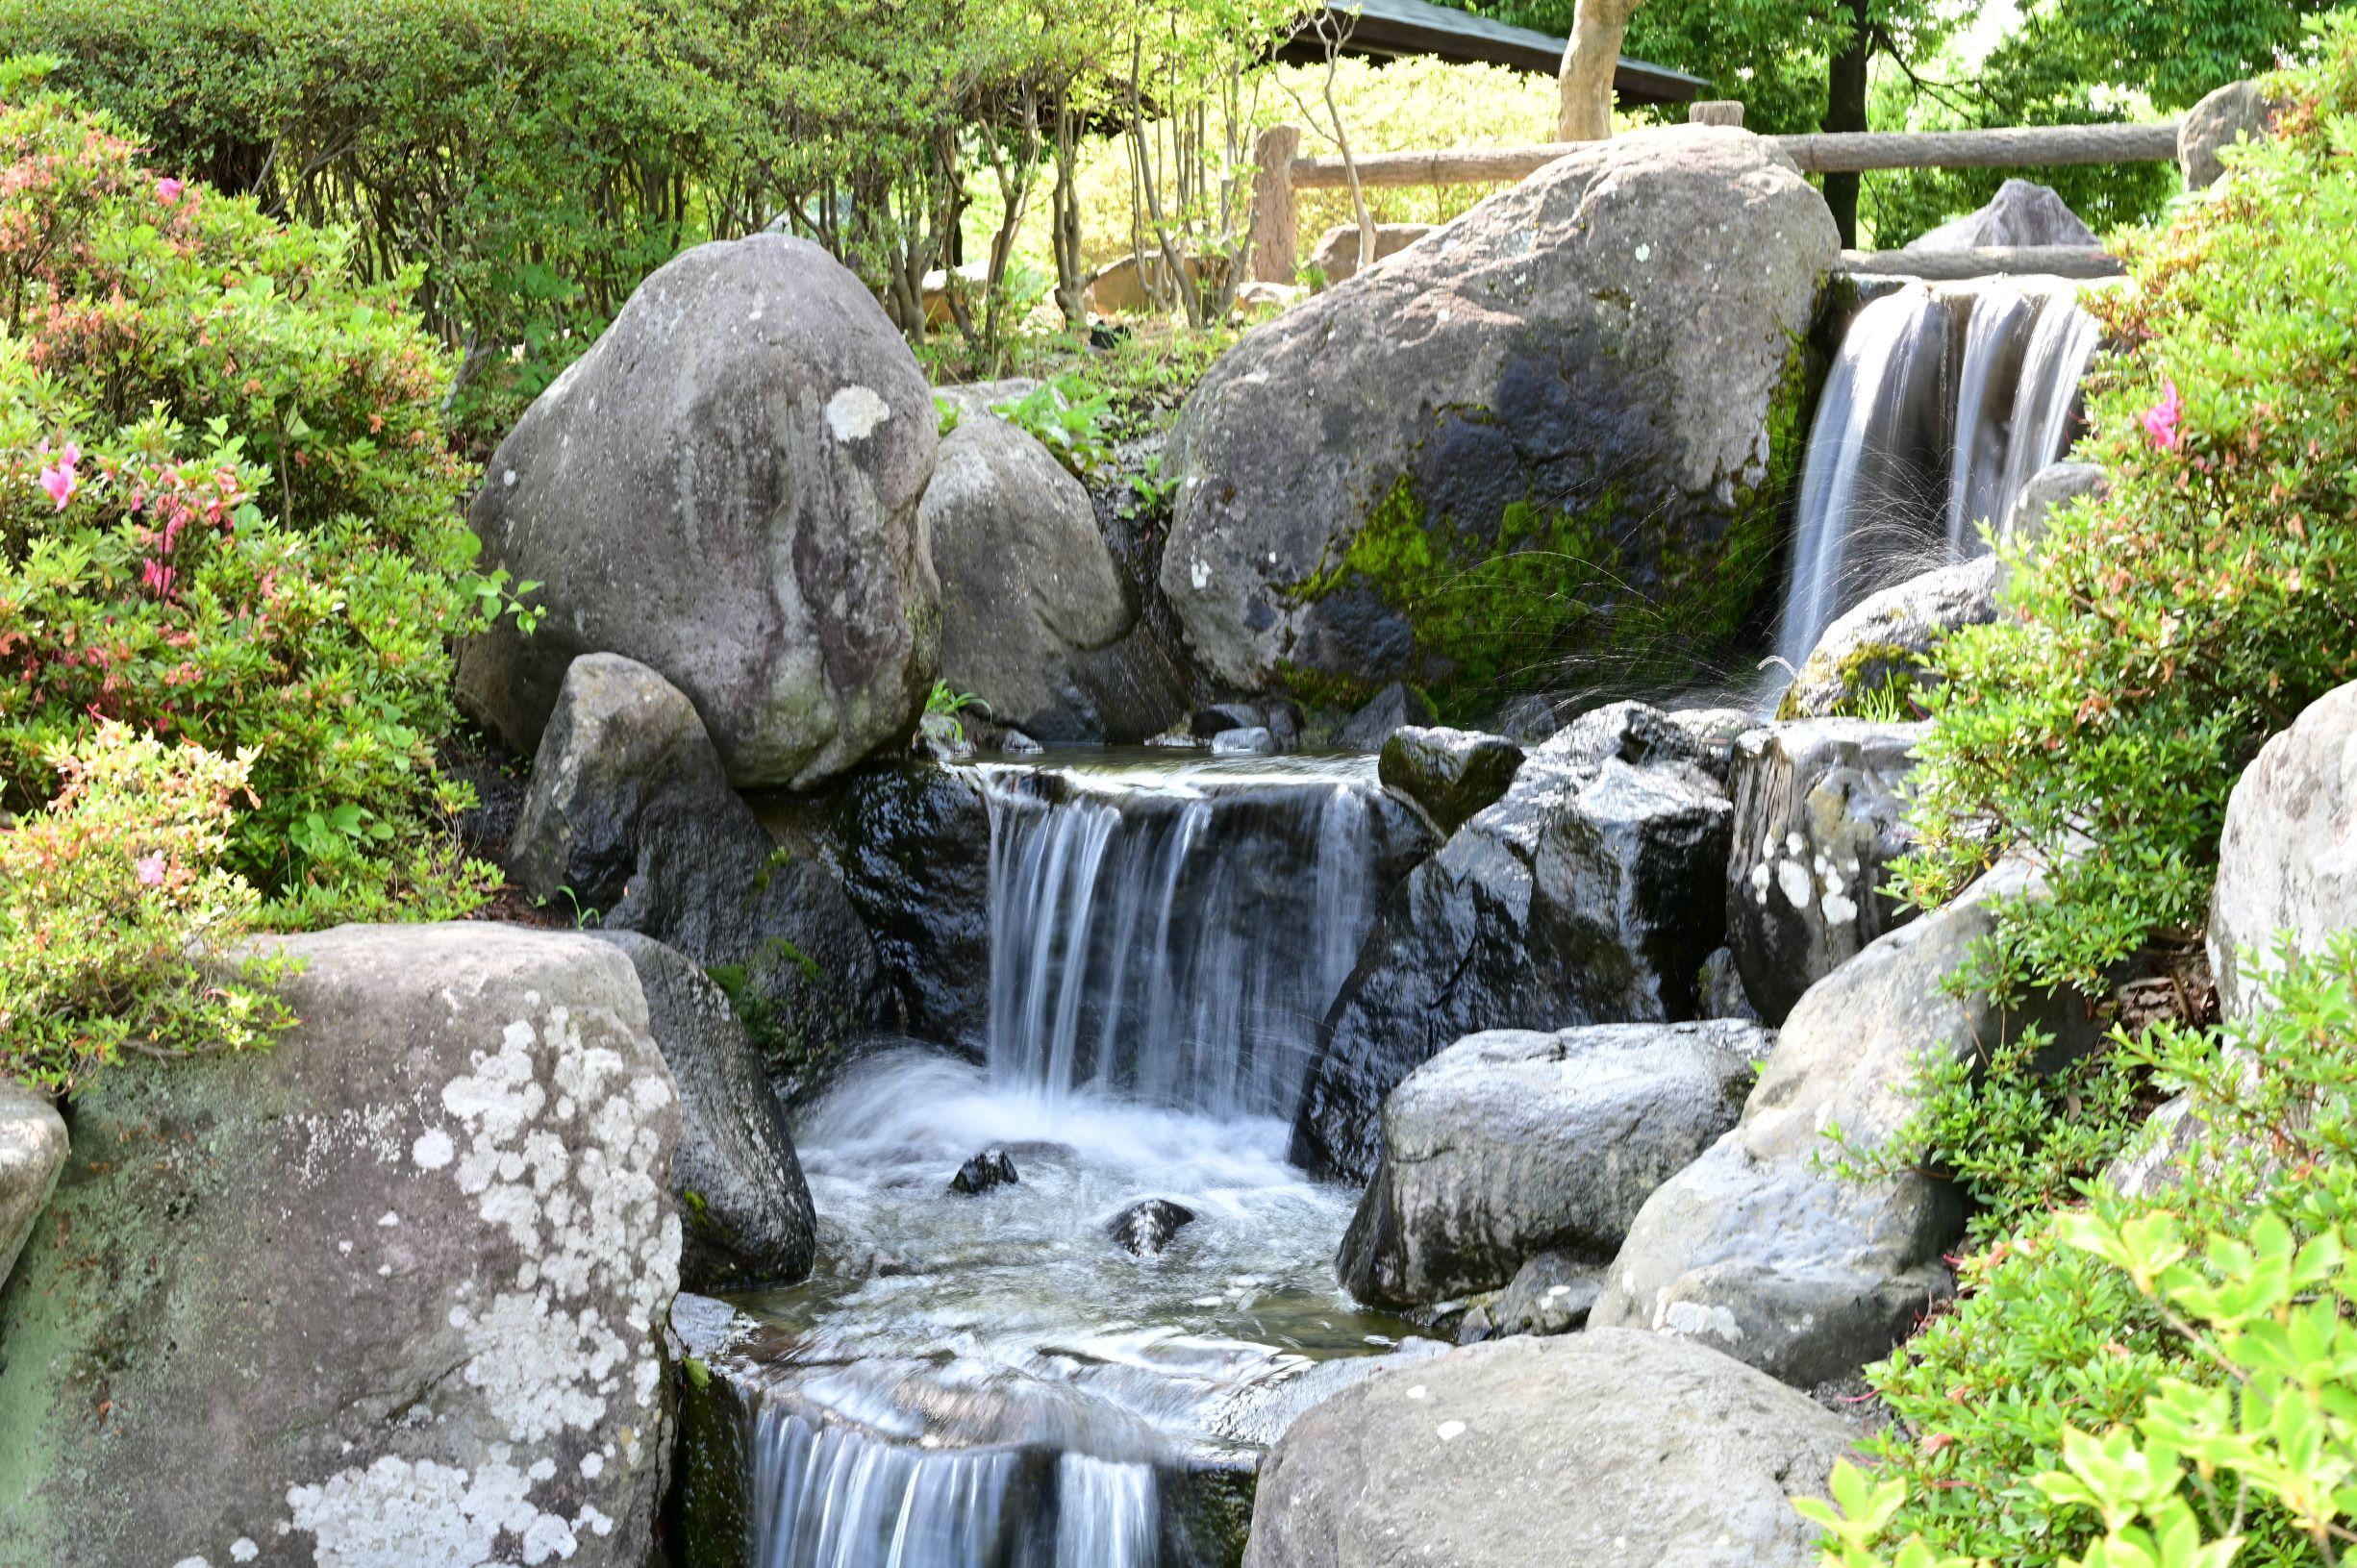 ニコン Z6とNIKKOR Z 50mmF1.8Sで撮った信州松本あがたの森公園